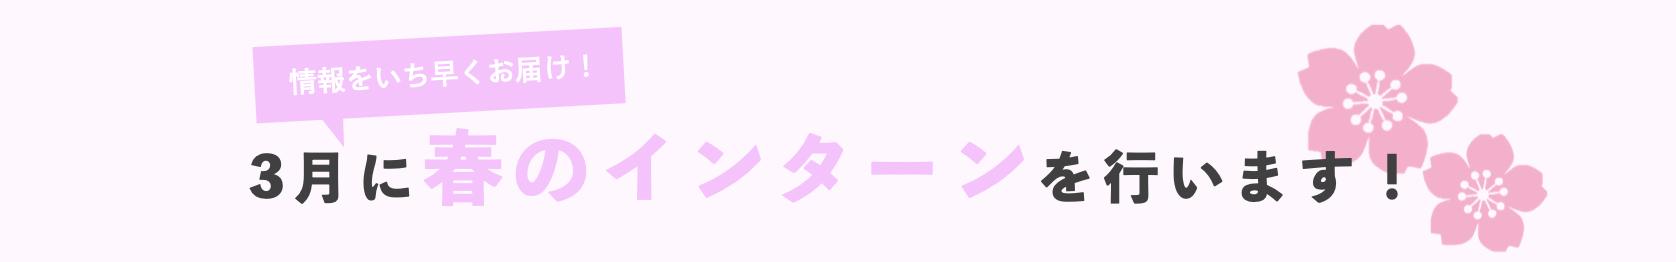 スクリーンショット 2020-02-06 18.25.38